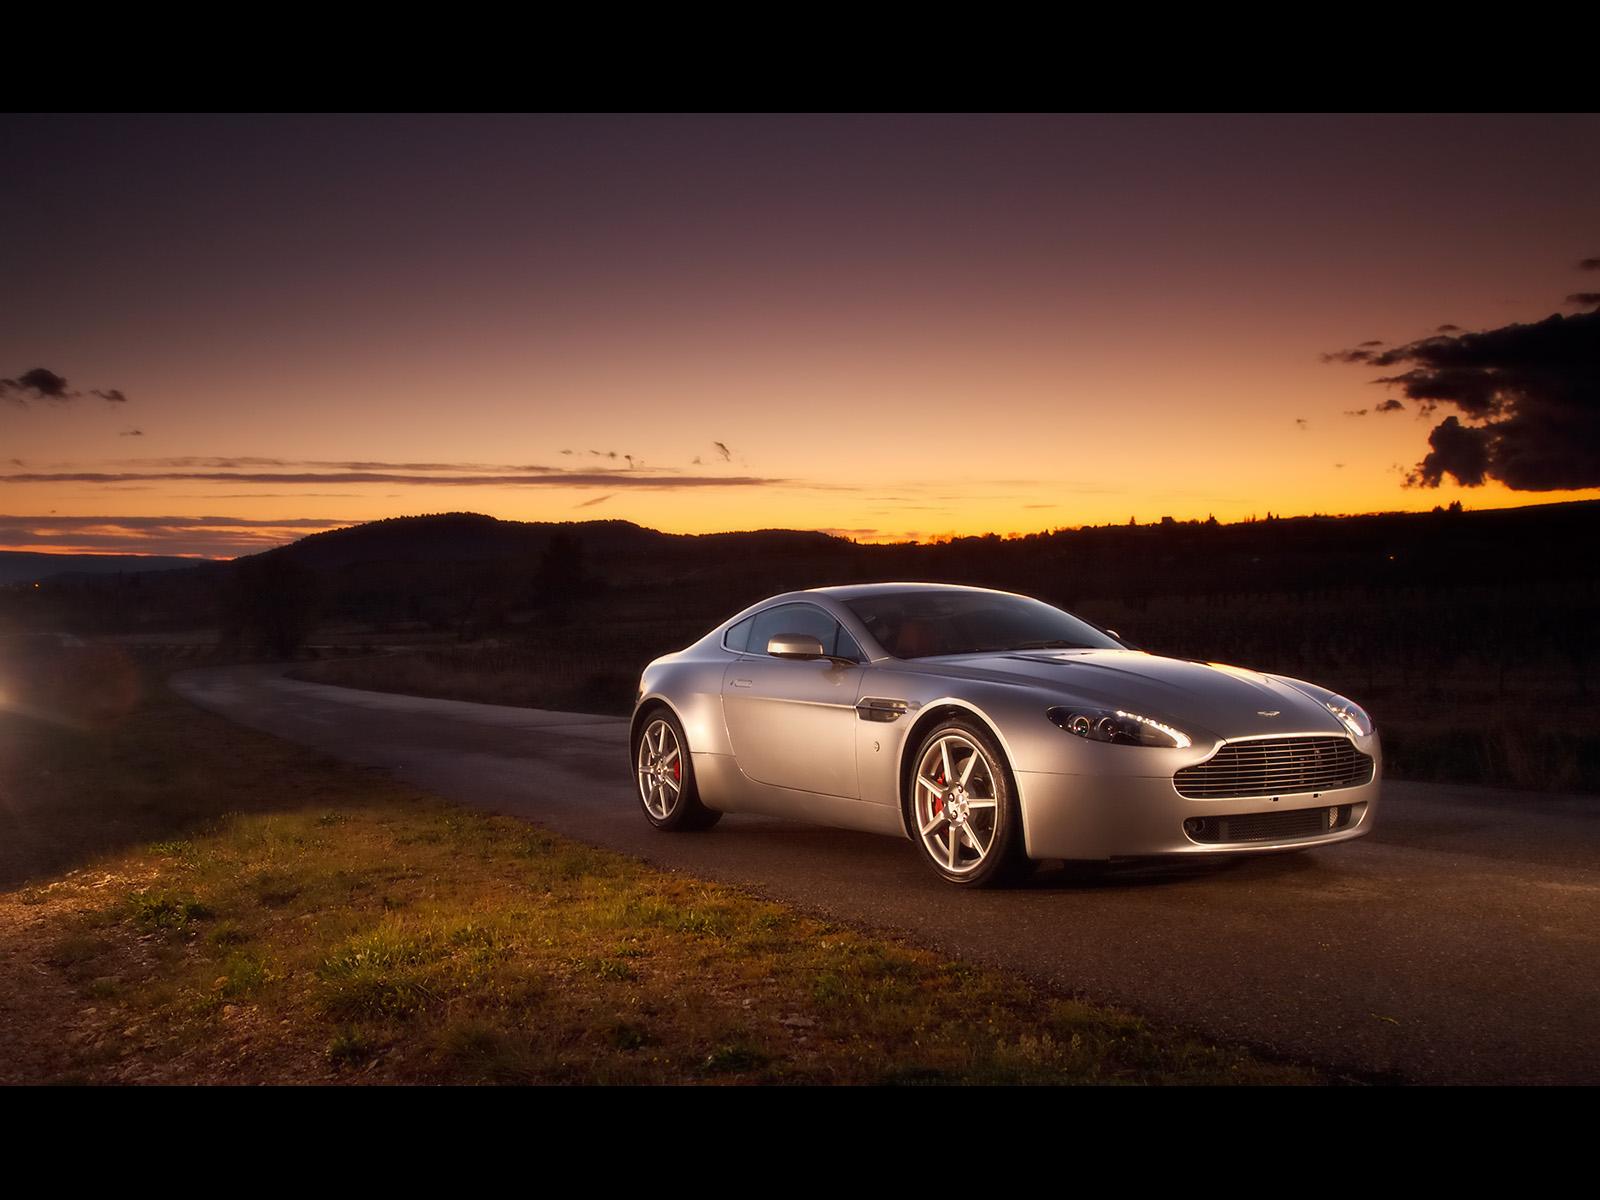 http://3.bp.blogspot.com/-6-lK9FsmPig/TklNBWNWT3I/AAAAAAAAB6k/GRqN3wWgxjk/s1600/cars_0011.jpg